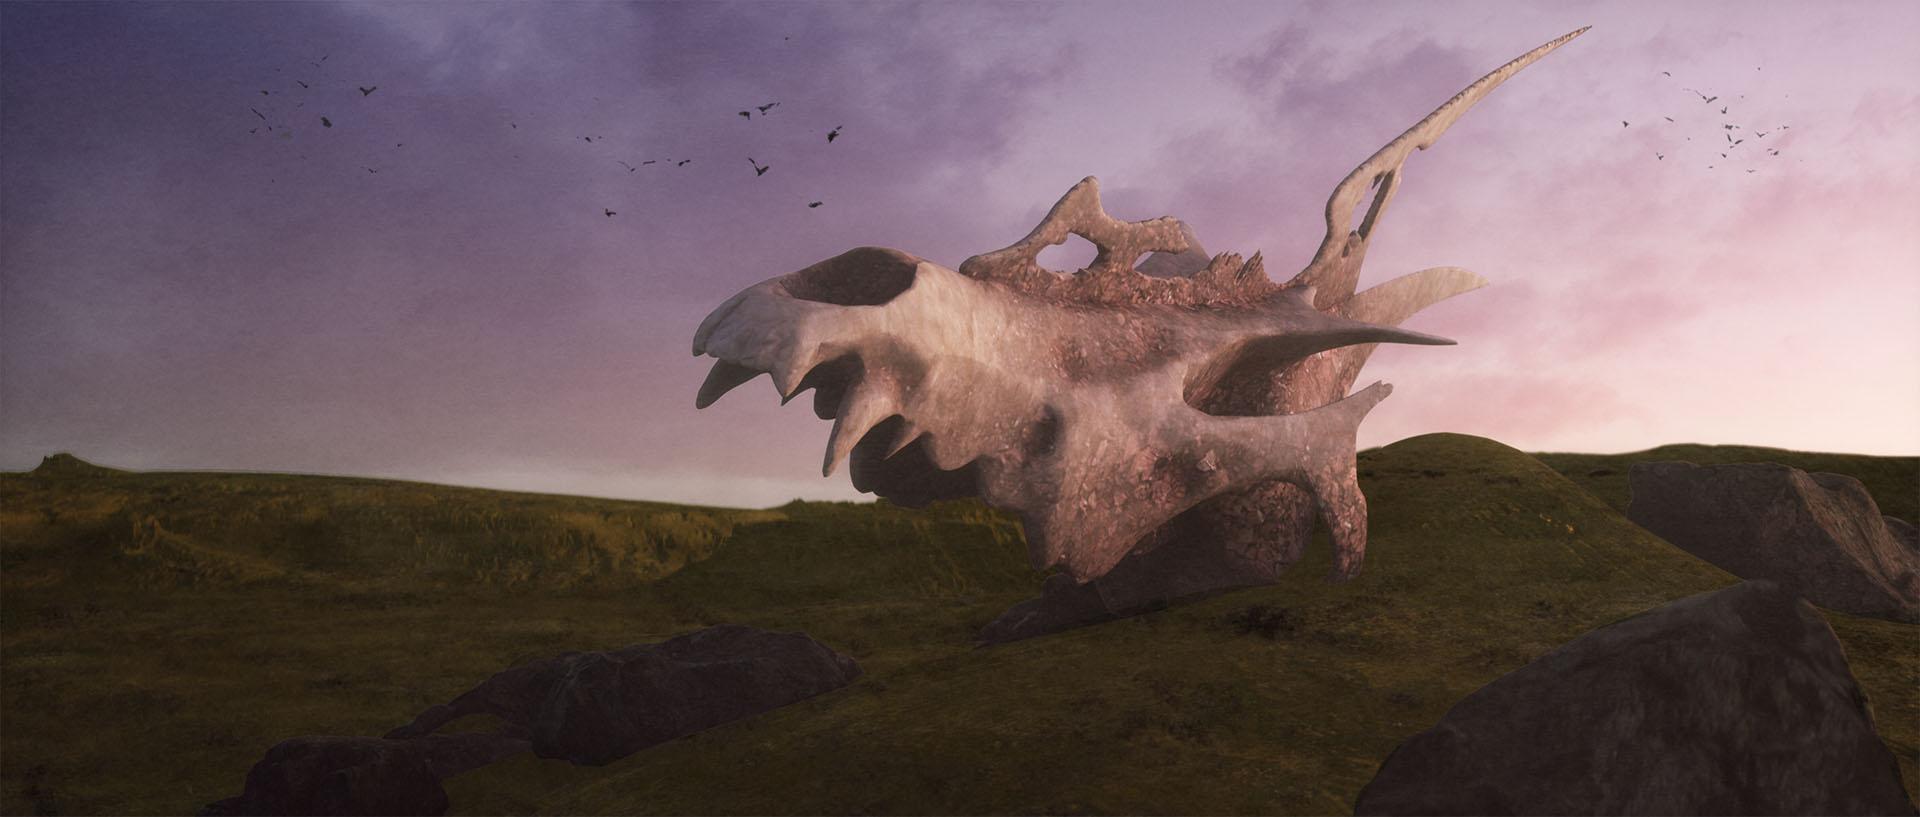 181105 Dragon Skull1.jpg